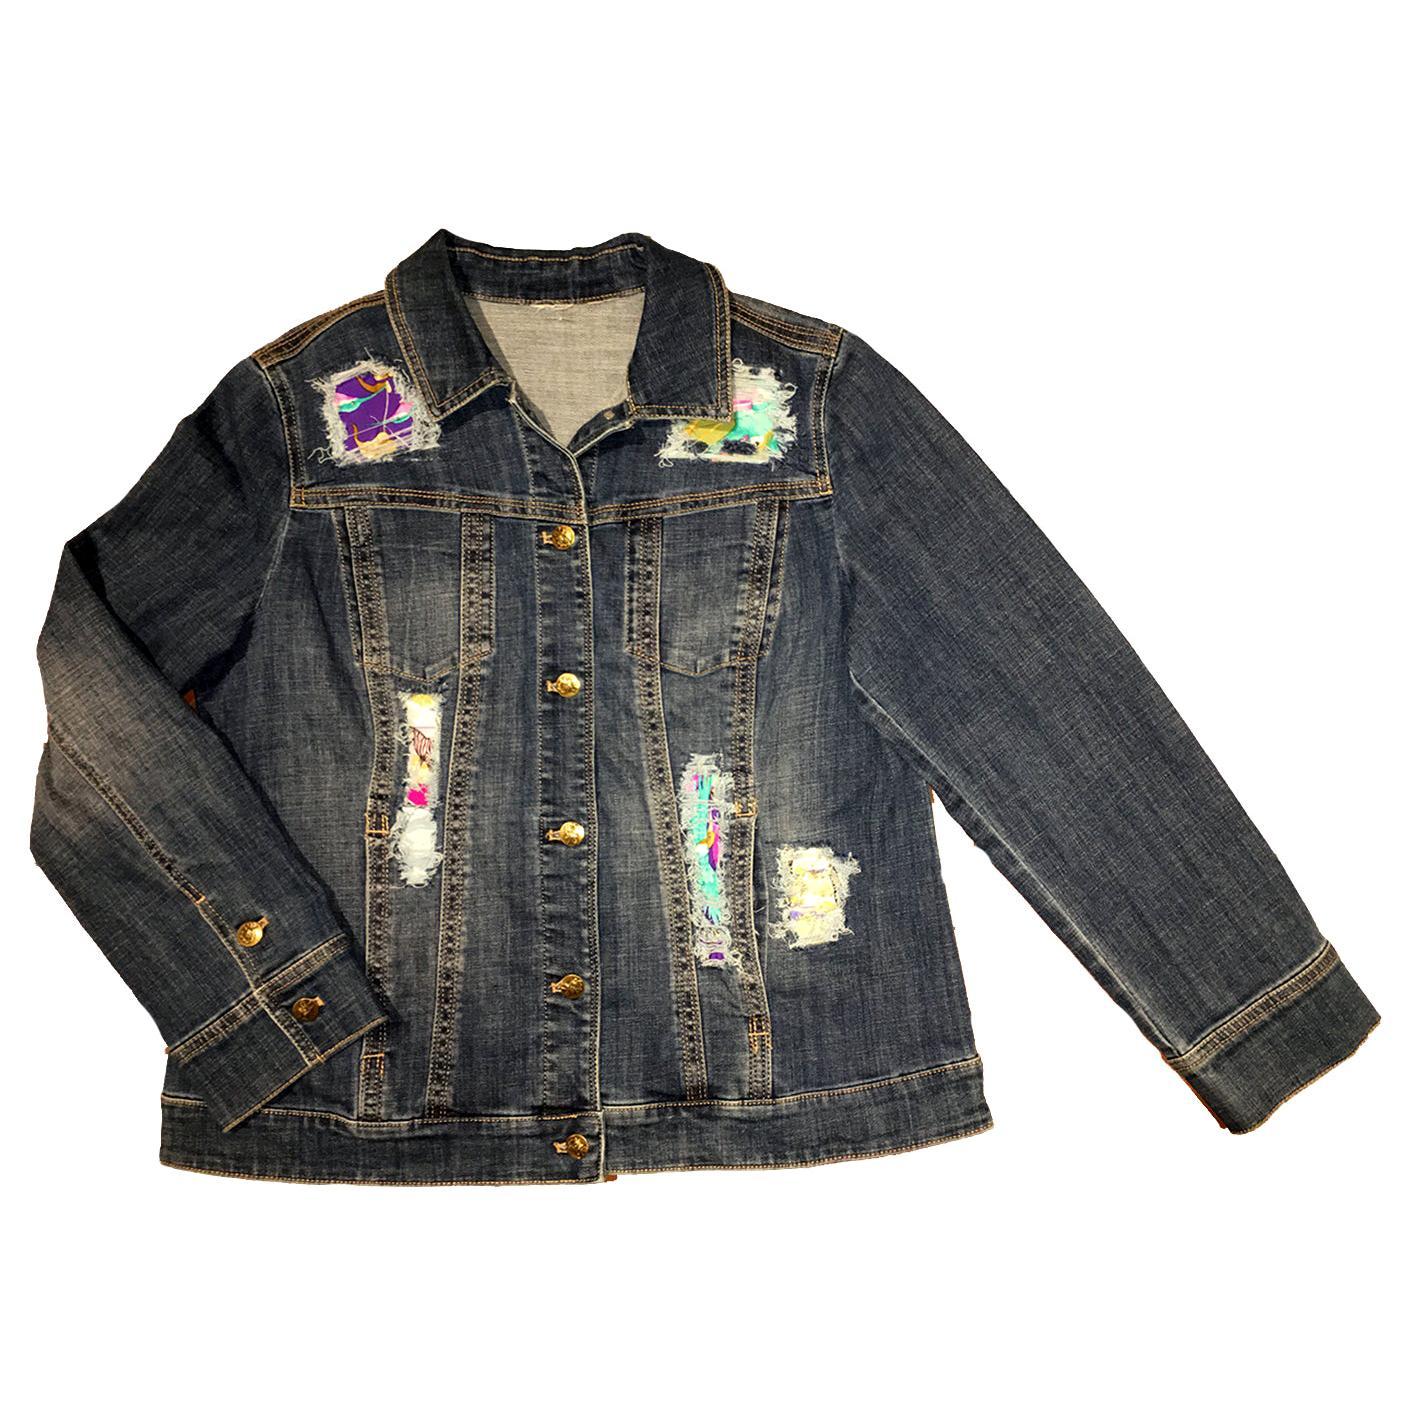 Hermes Vintage Tropiques Silk Scarf Distressed Denim Jacket - Medium